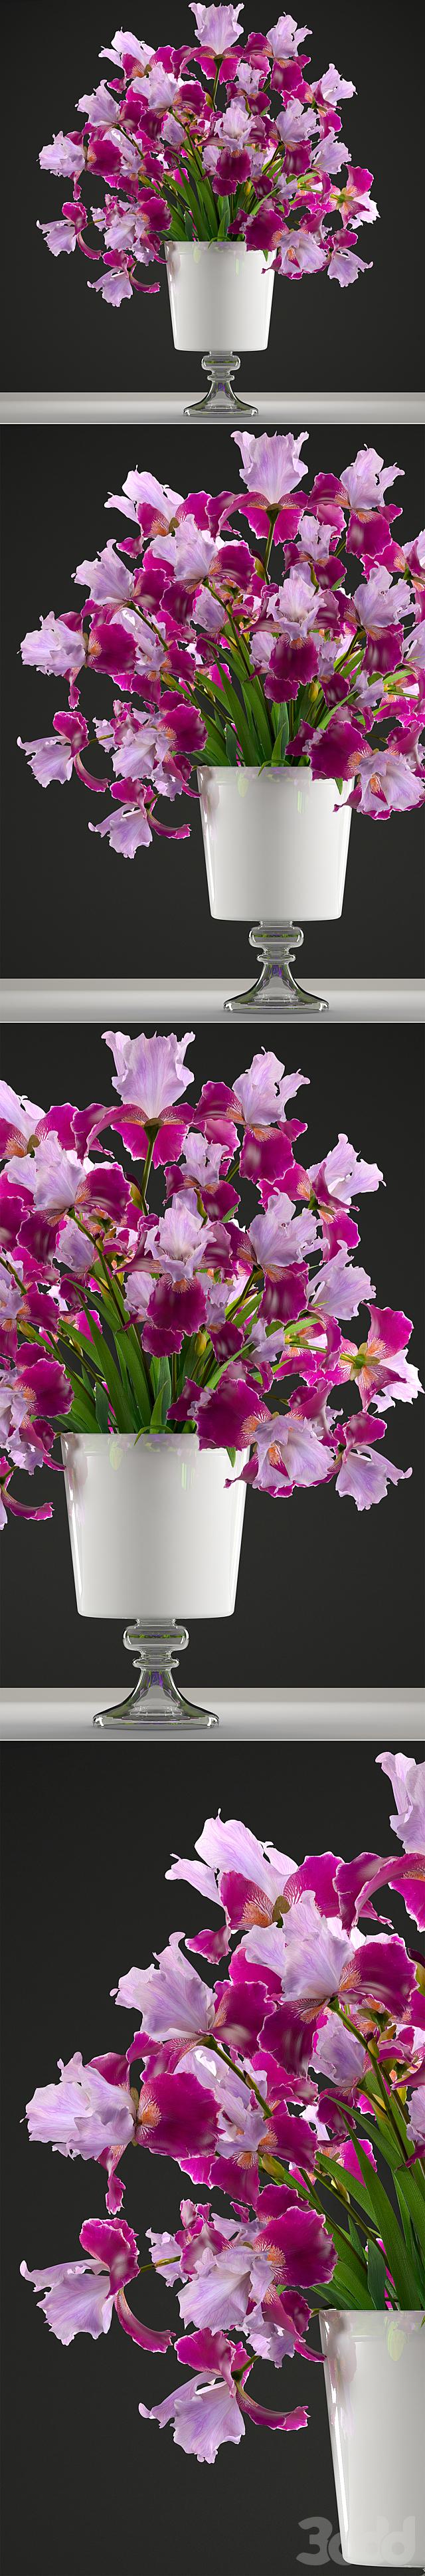 Коллекция цветов 43. Ирис